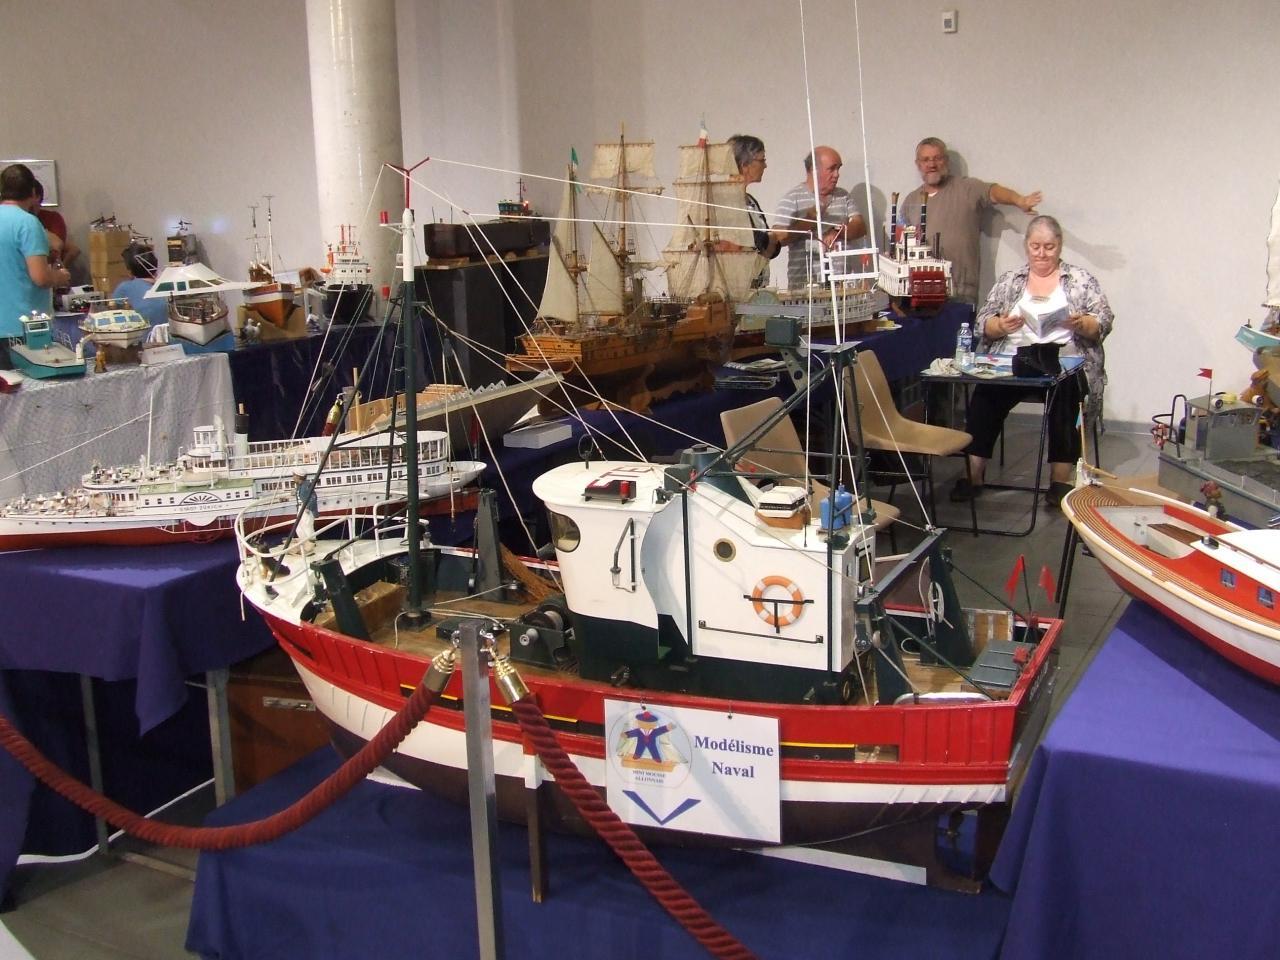 exposition salle courboulay au mans le 28 septembre 2014